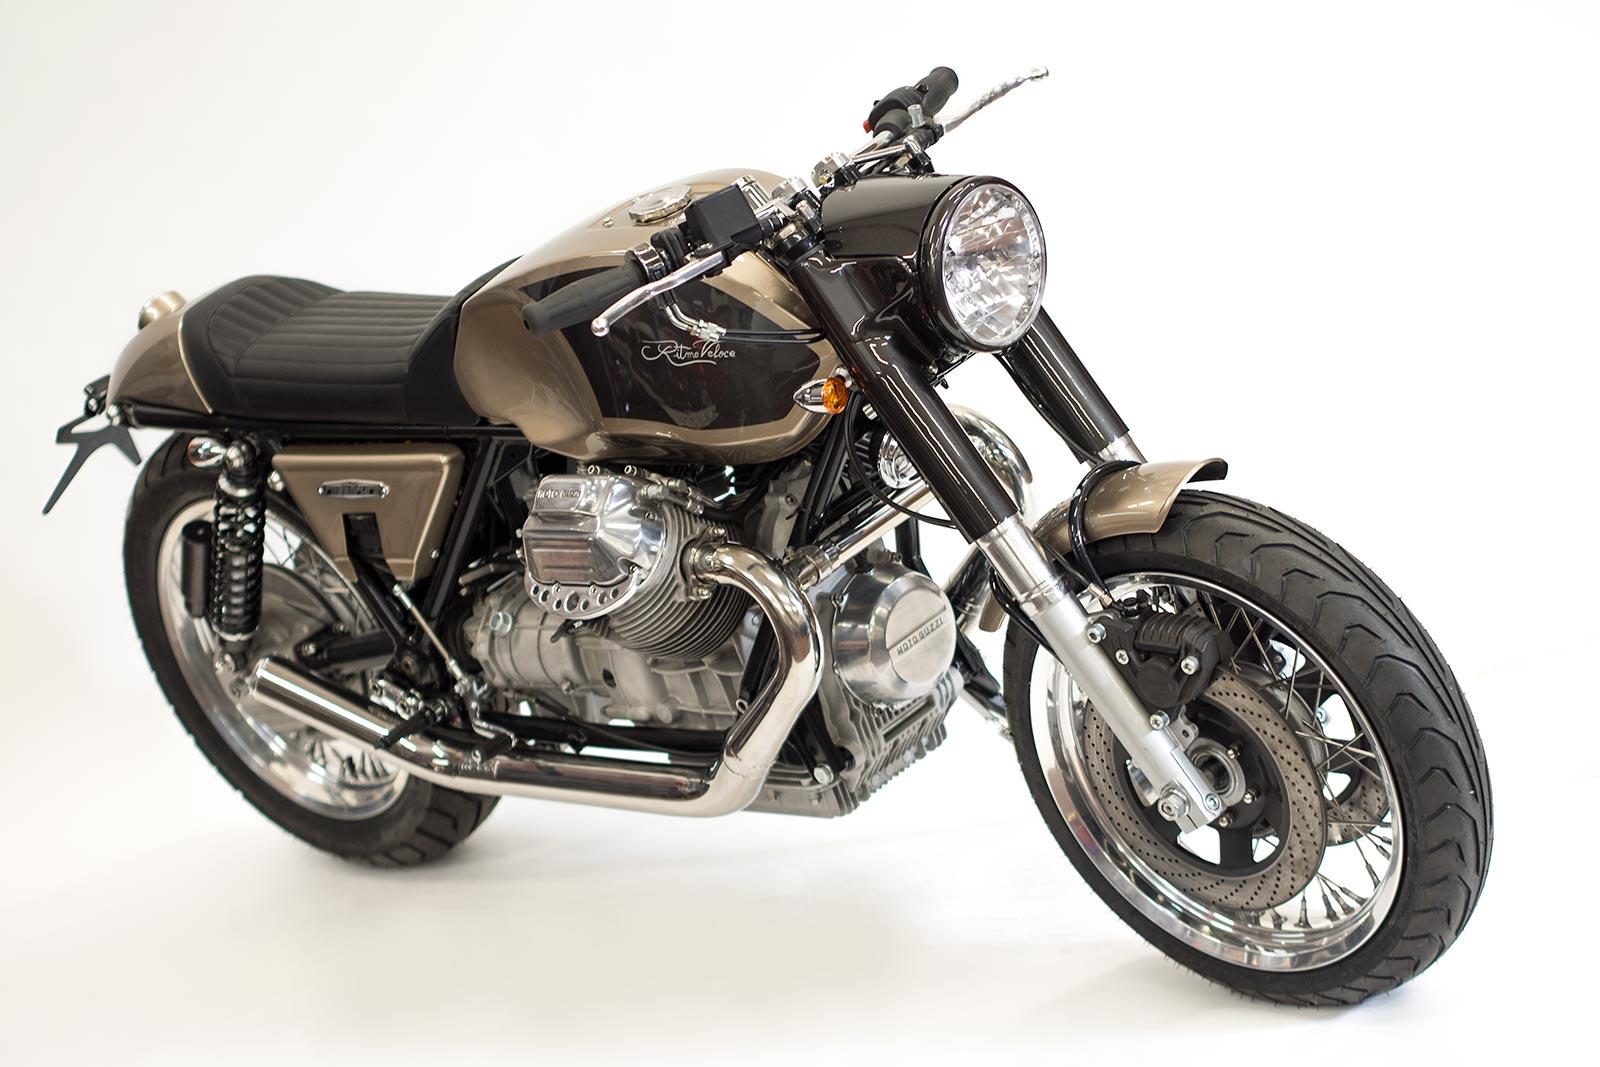 Moto Guzzi Ritmo Veloce by Officine Rossopuro (9)